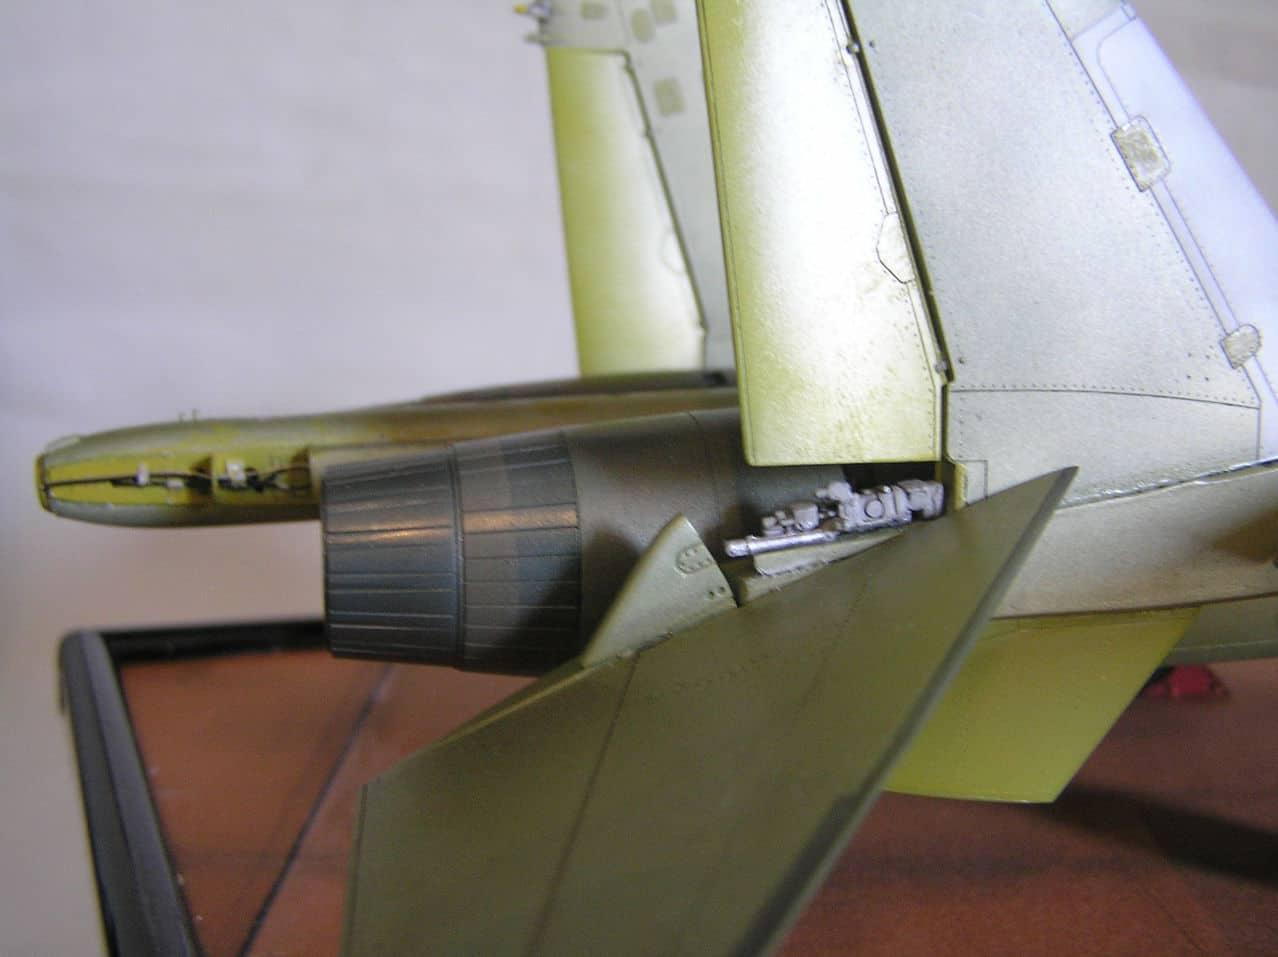 ...καπως ετσι αρχισαν ολα...Su-27  και τα μυαλα στα καγκελα... - Σελίδα 5 Image